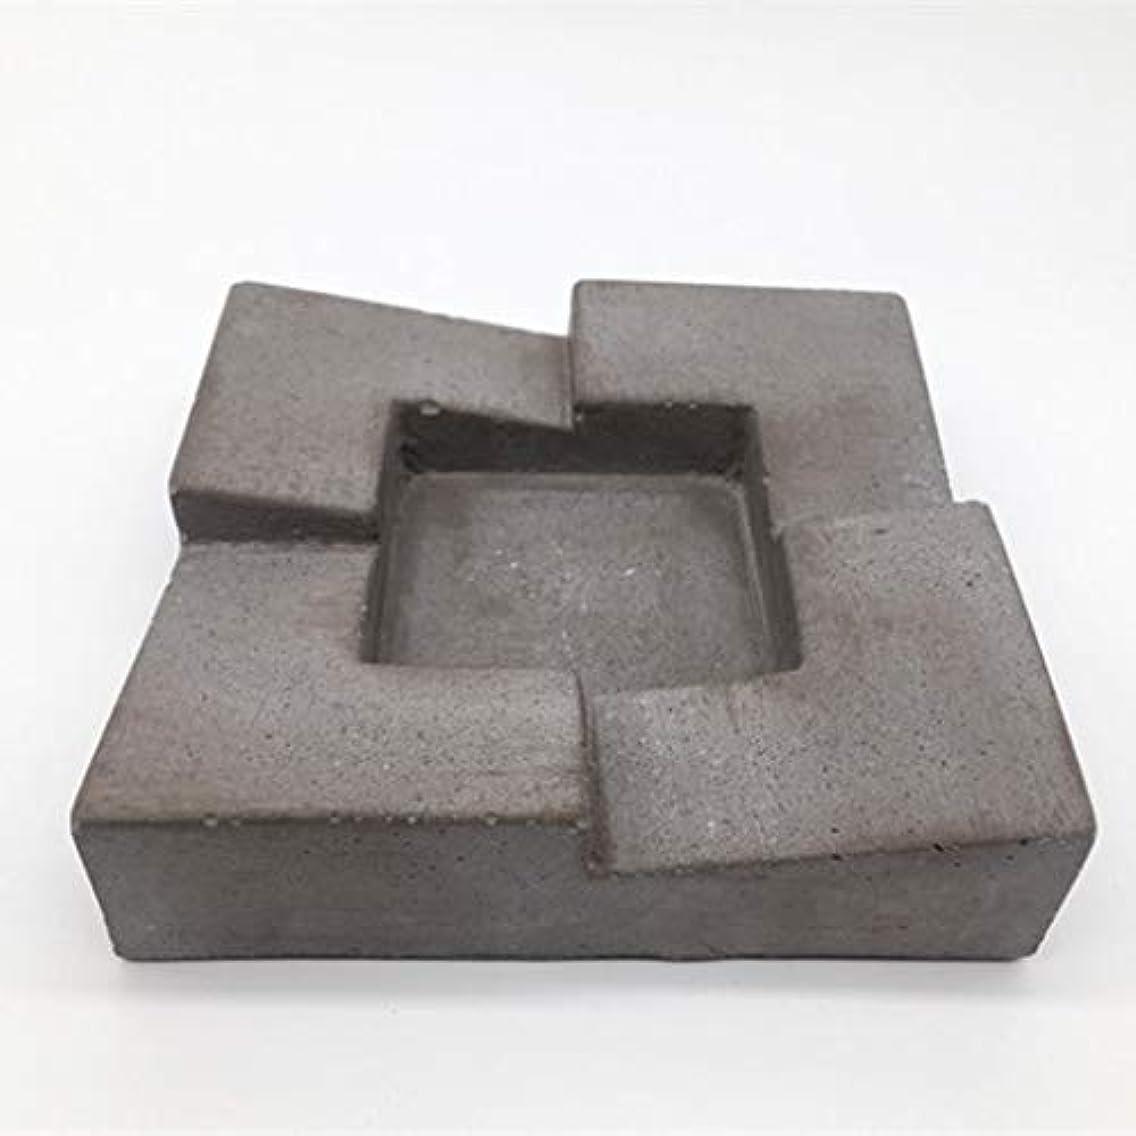 香水出席するスリンクビンテージ手彫り灰皿、ホームデスクトップ家具葉巻コンクリートリビングルームバーオフィスセメント灰皿(グレー)品質保証